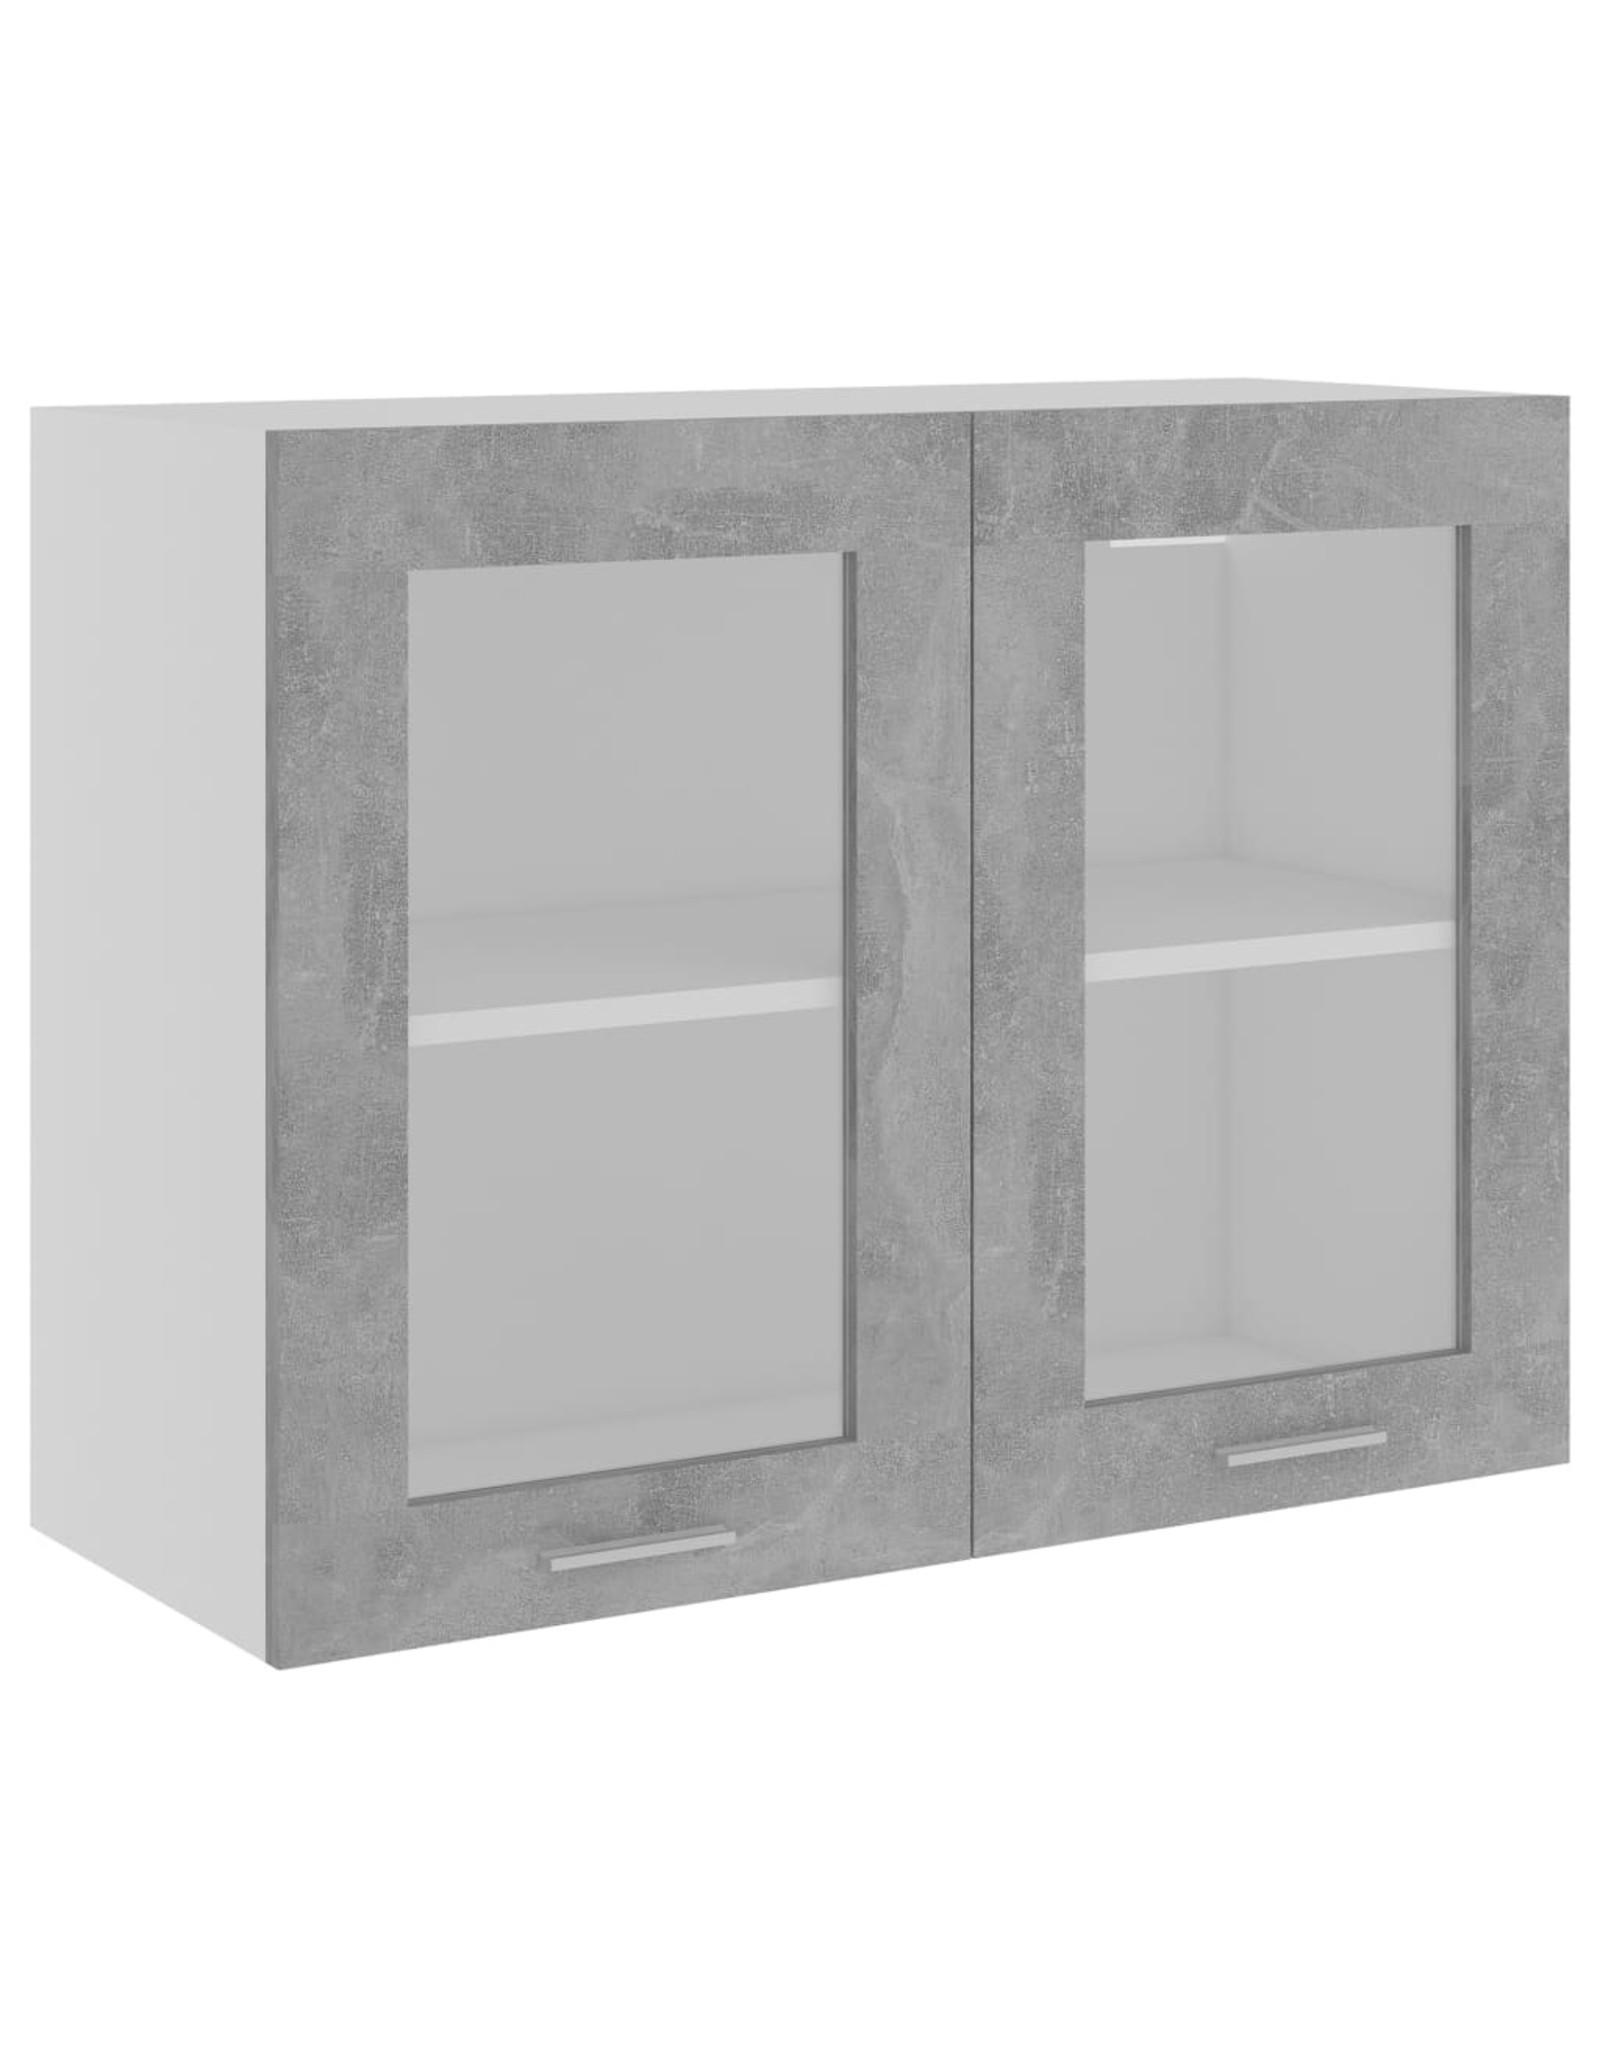 Hangkast 80x31x60 cm spaanplaat betongrijs